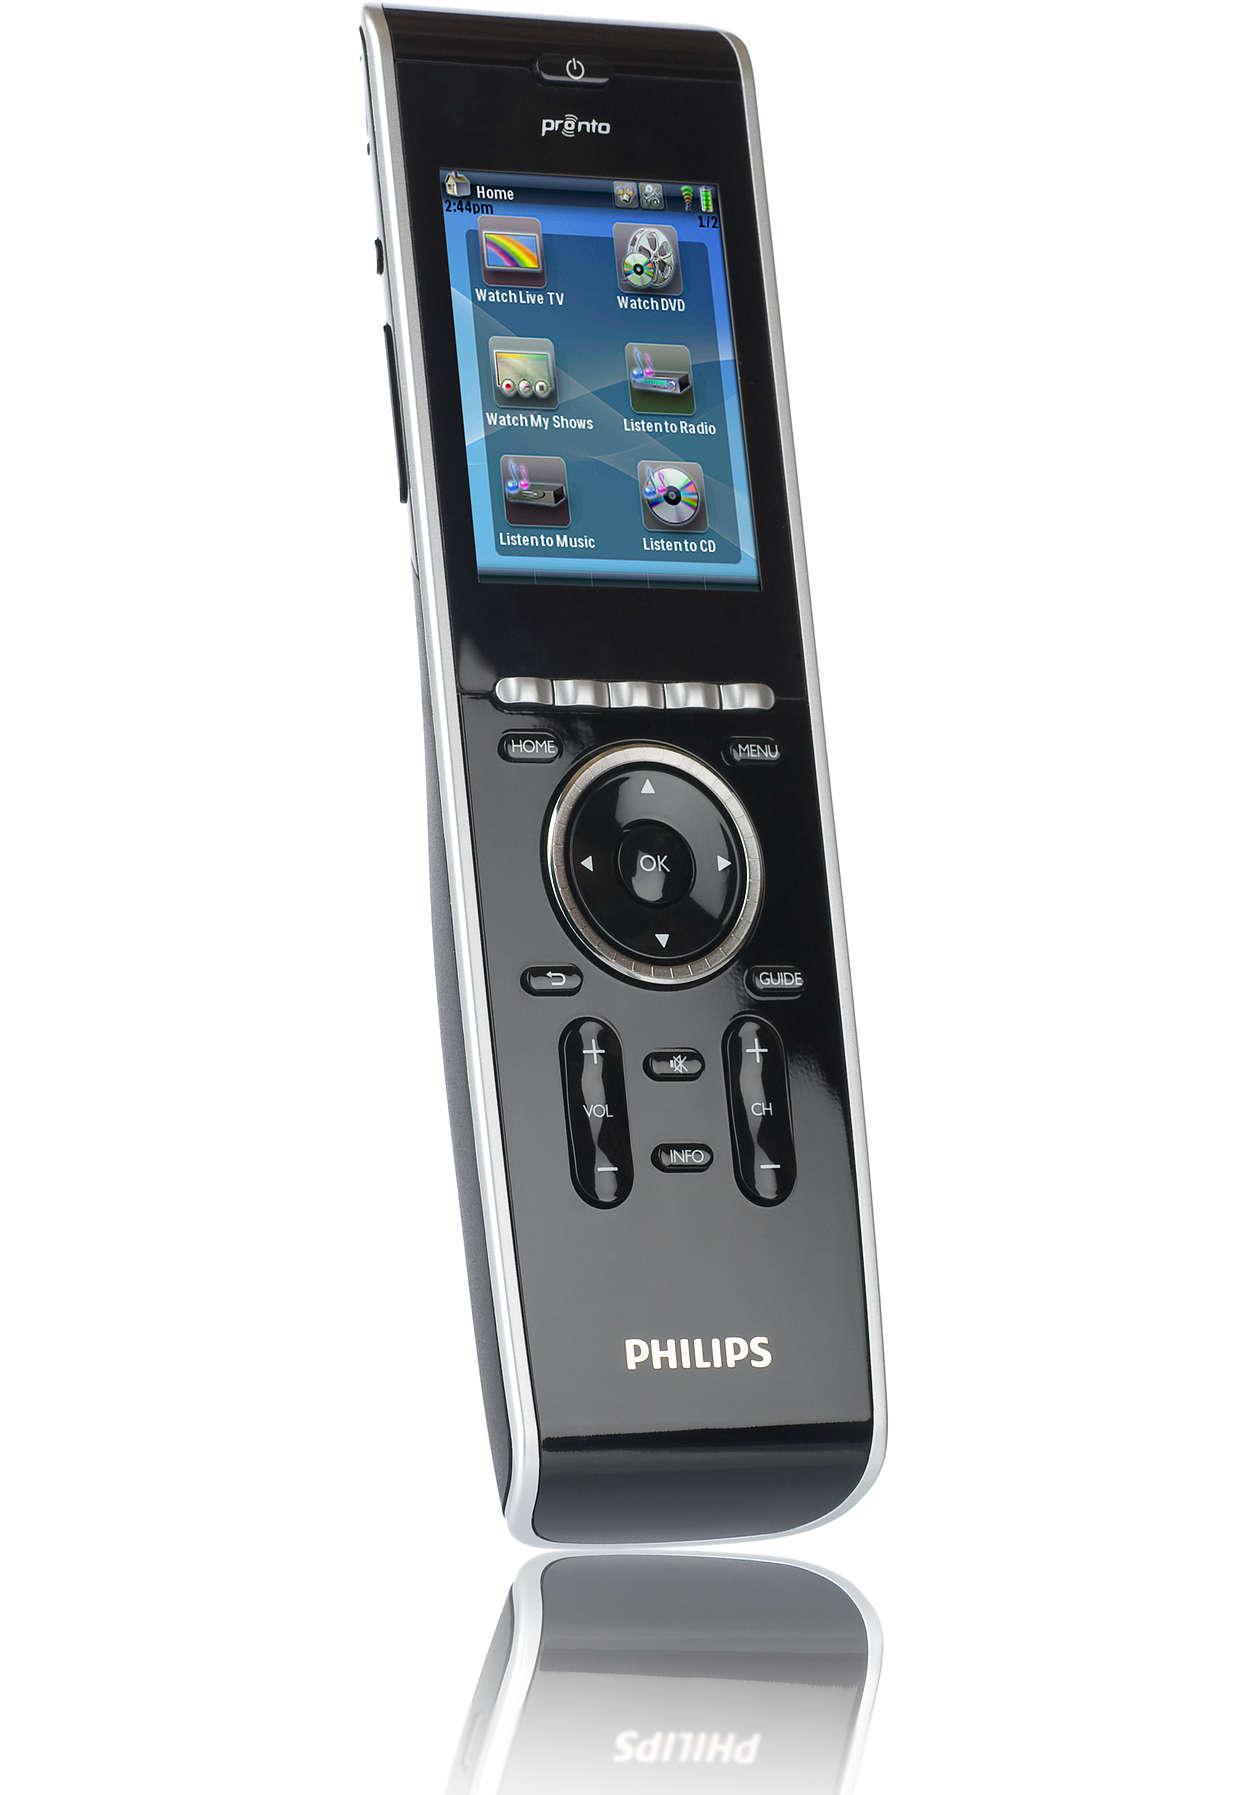 Kurulumcular tasarladı, Philips üretti